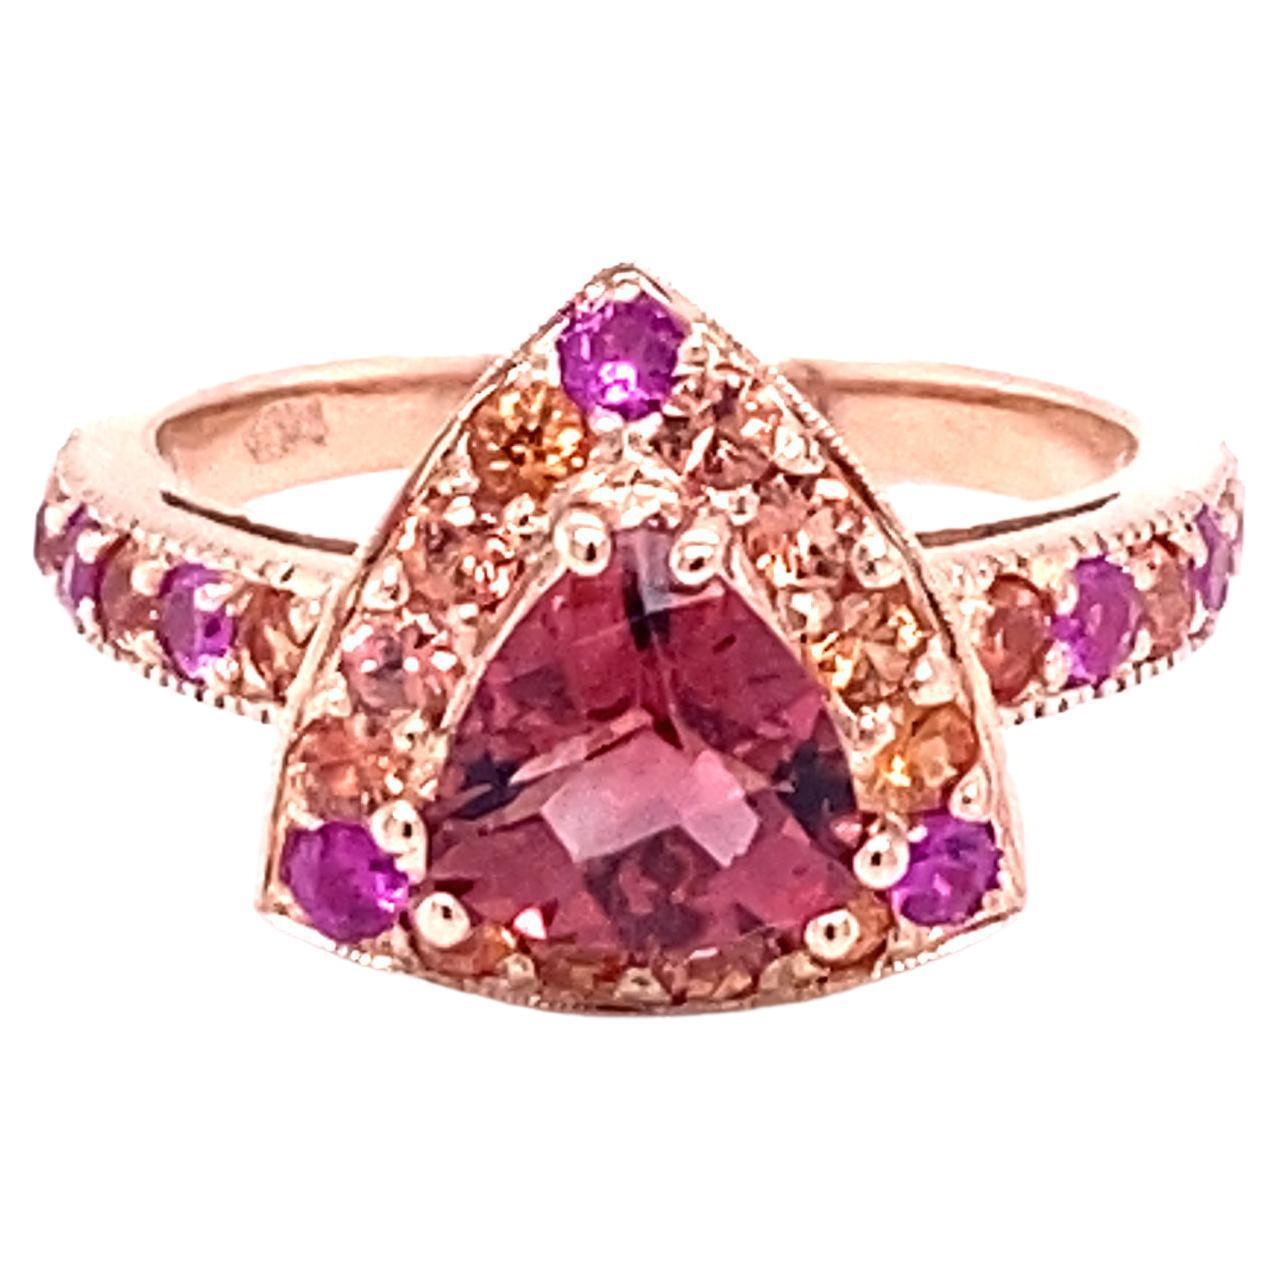 2.31 Carat Tourmaline Sapphire 14 Karat Rose Gold Cocktail Ring